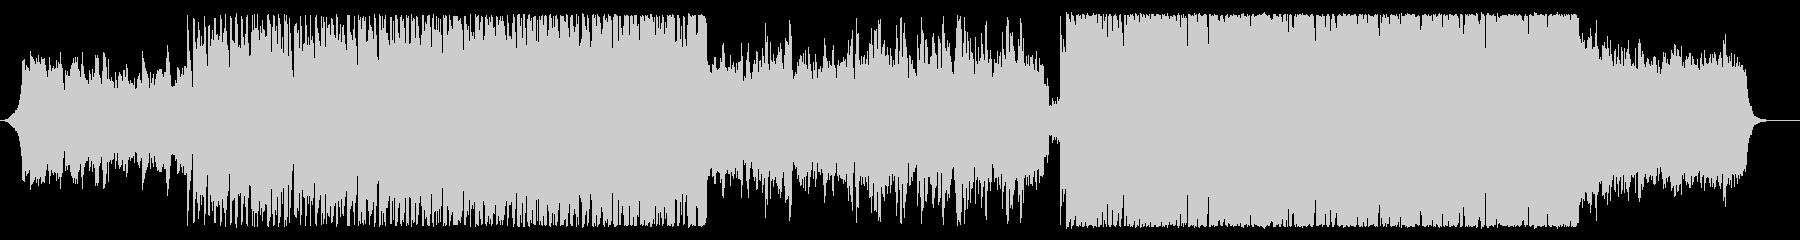 決意の疾走感シネマティックBGM2:42の未再生の波形